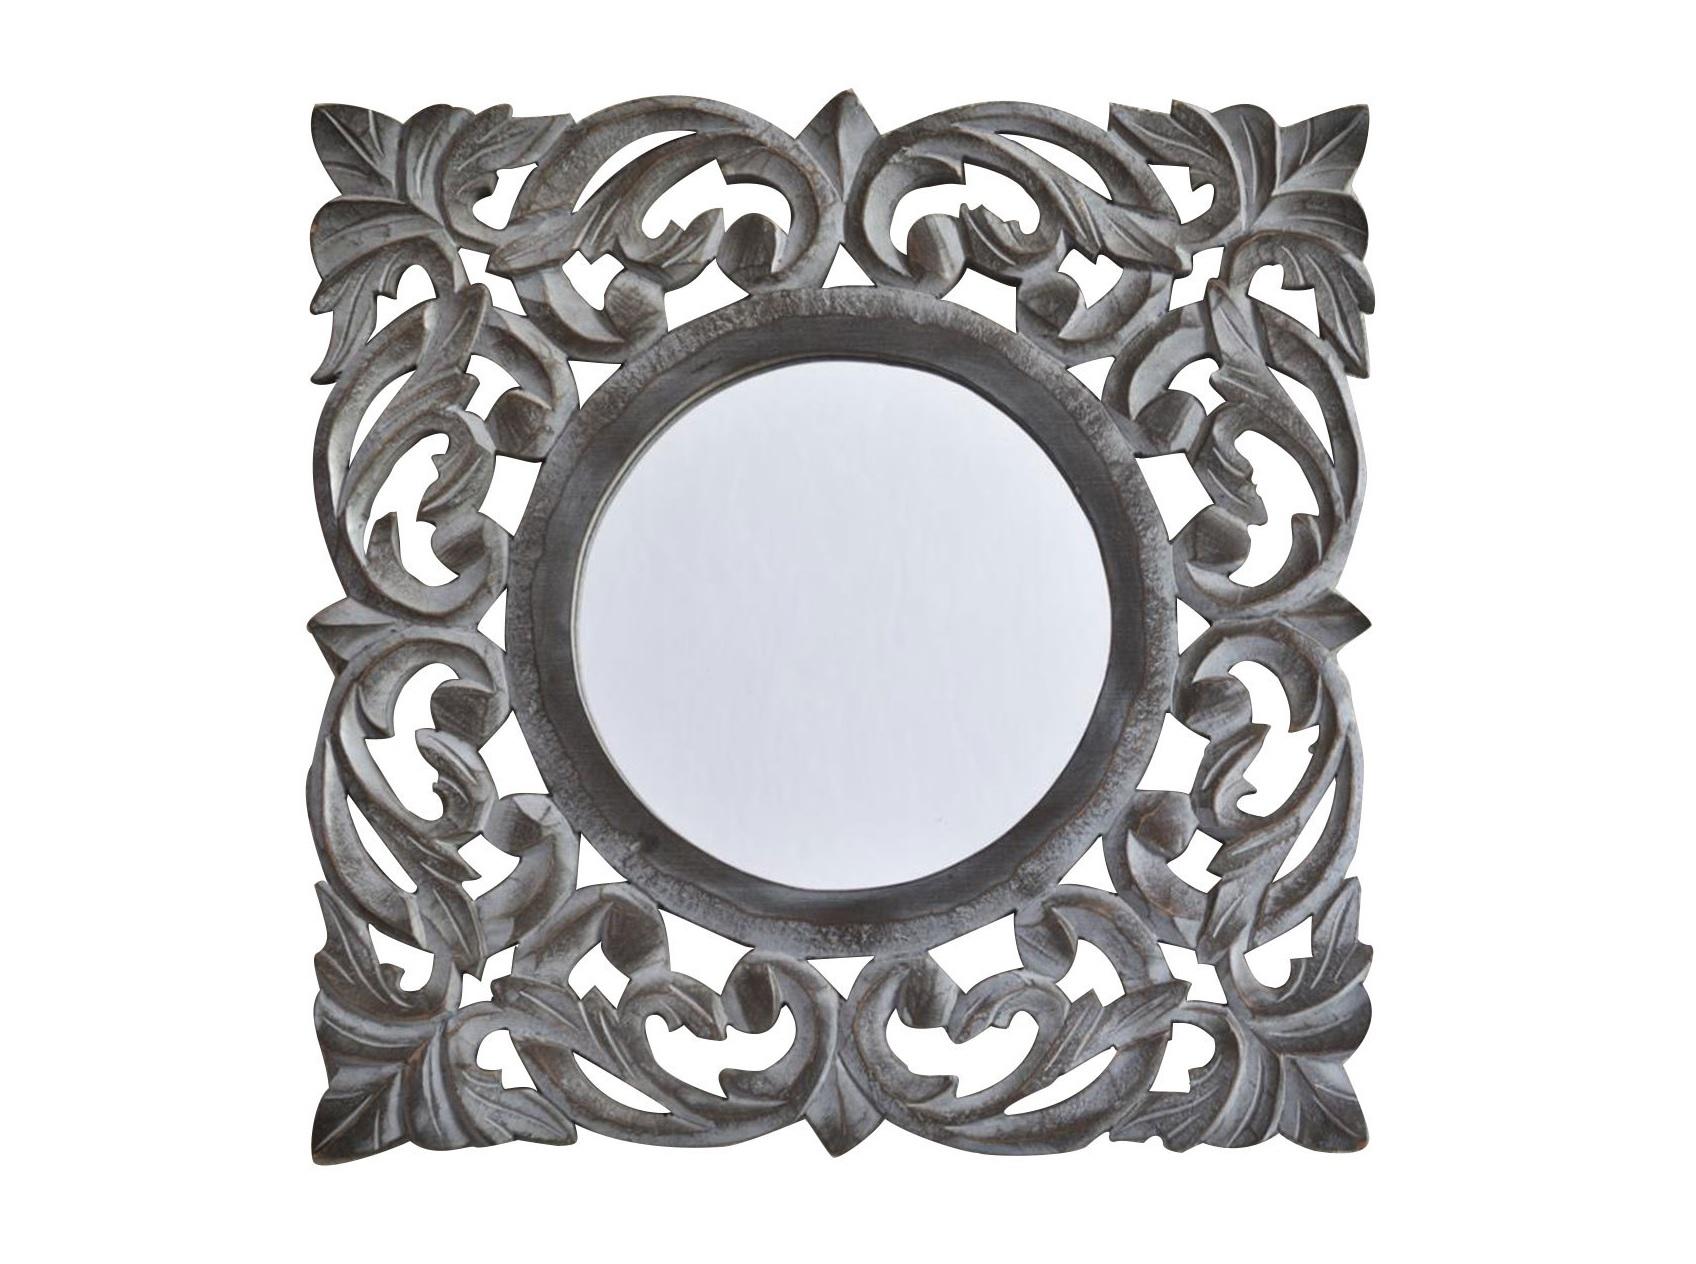 Зеркало Colibri 15437009 от thefurnish